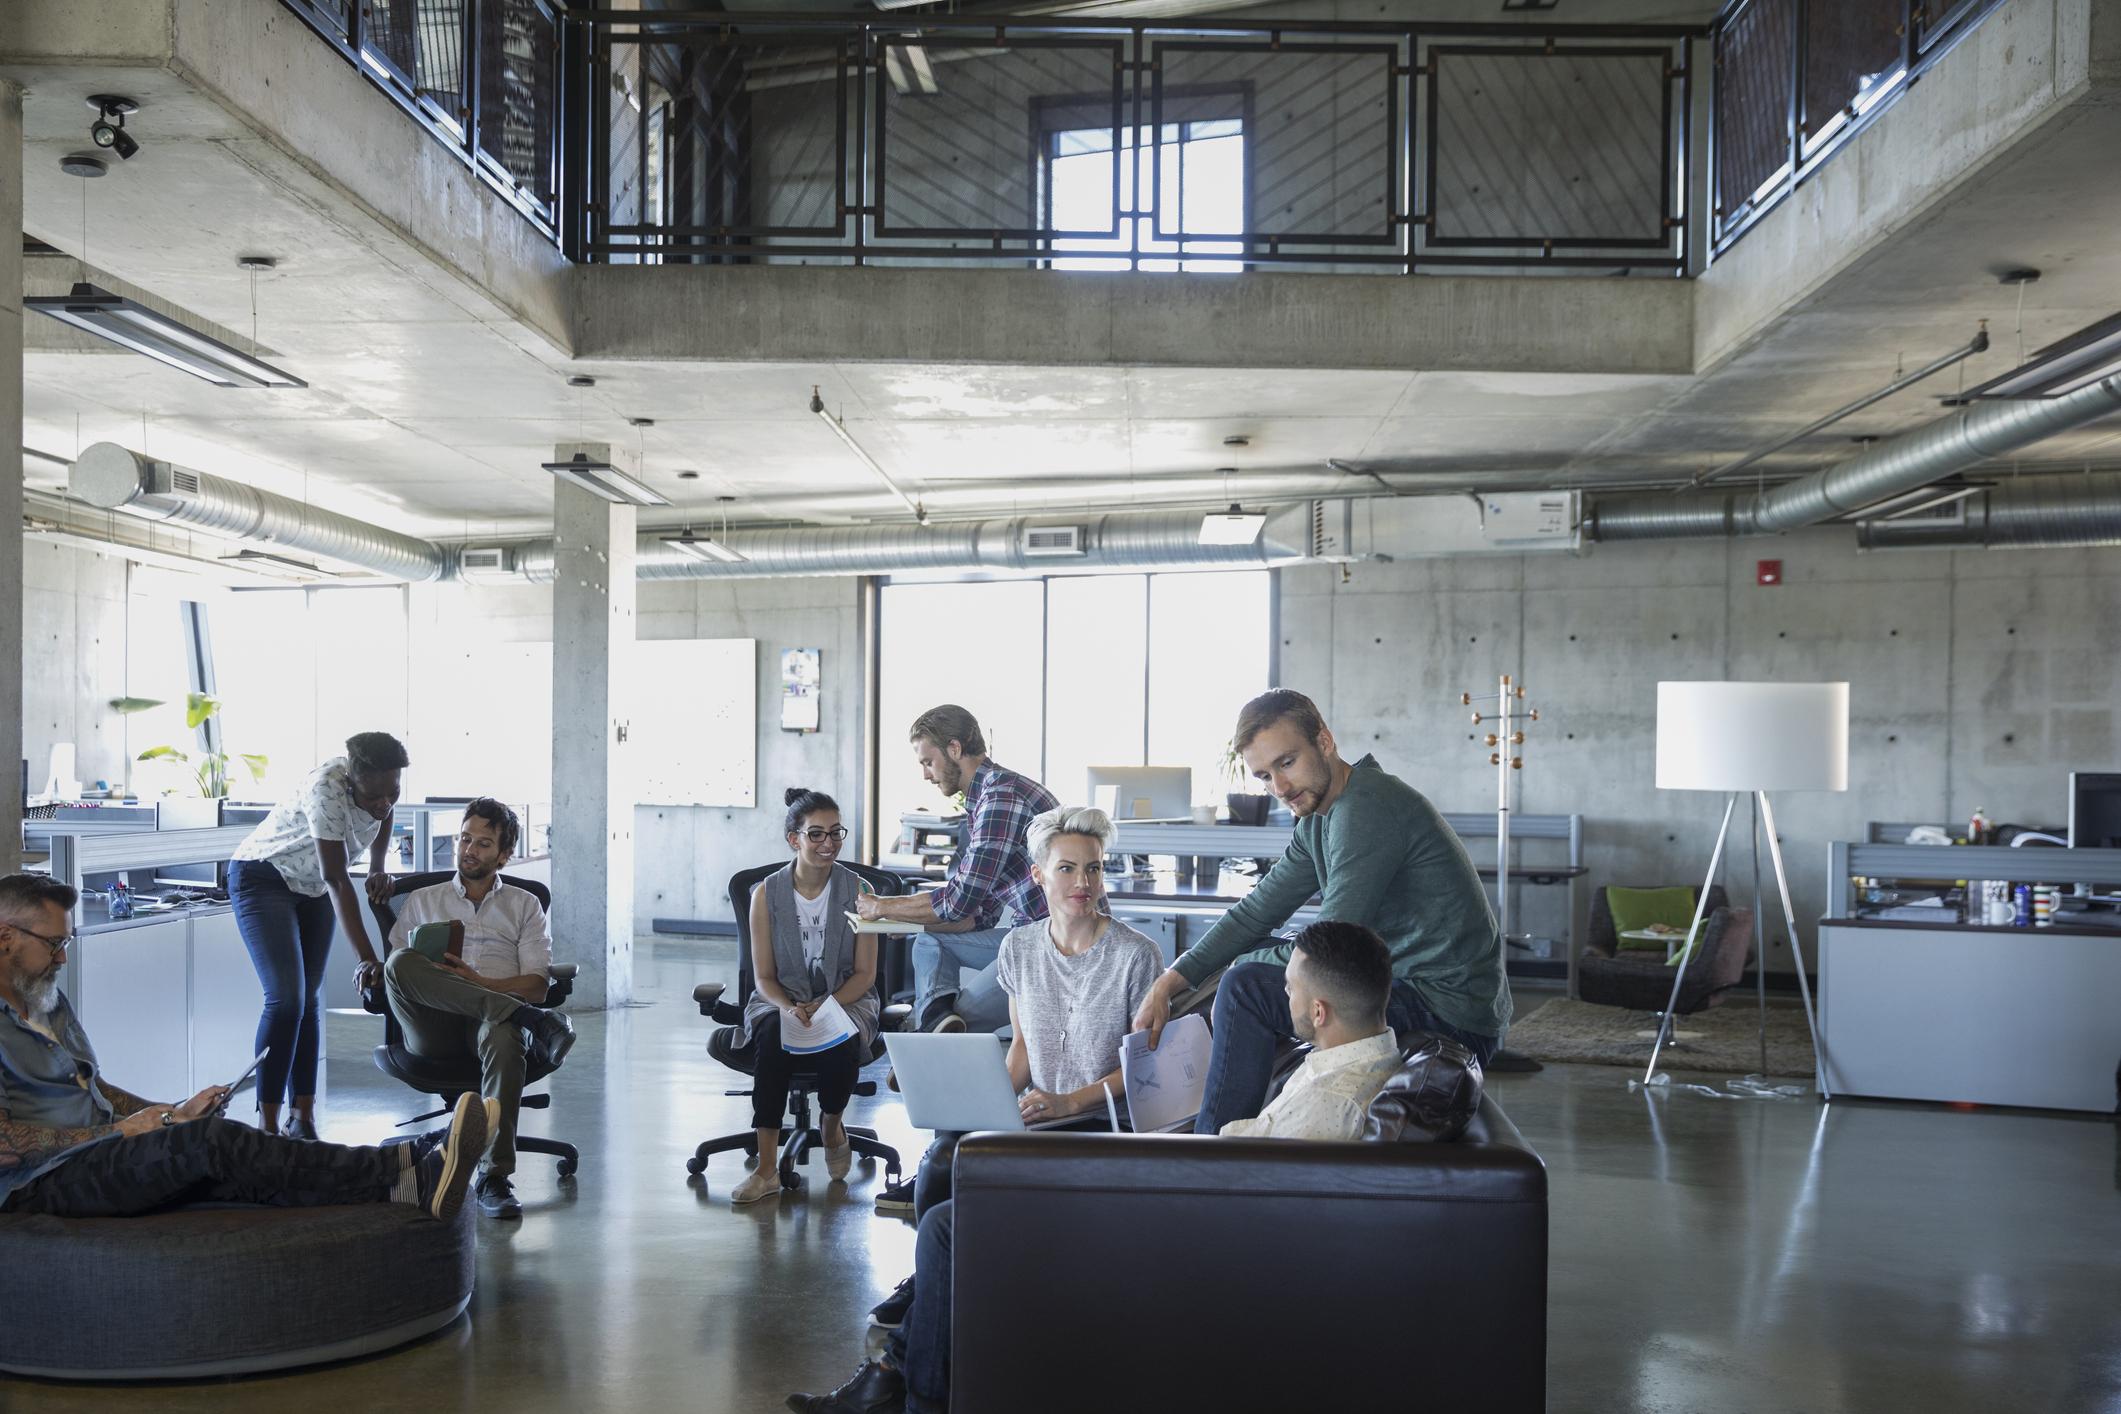 Des gens d'affaires discutent dans un bureau à aire ouverte